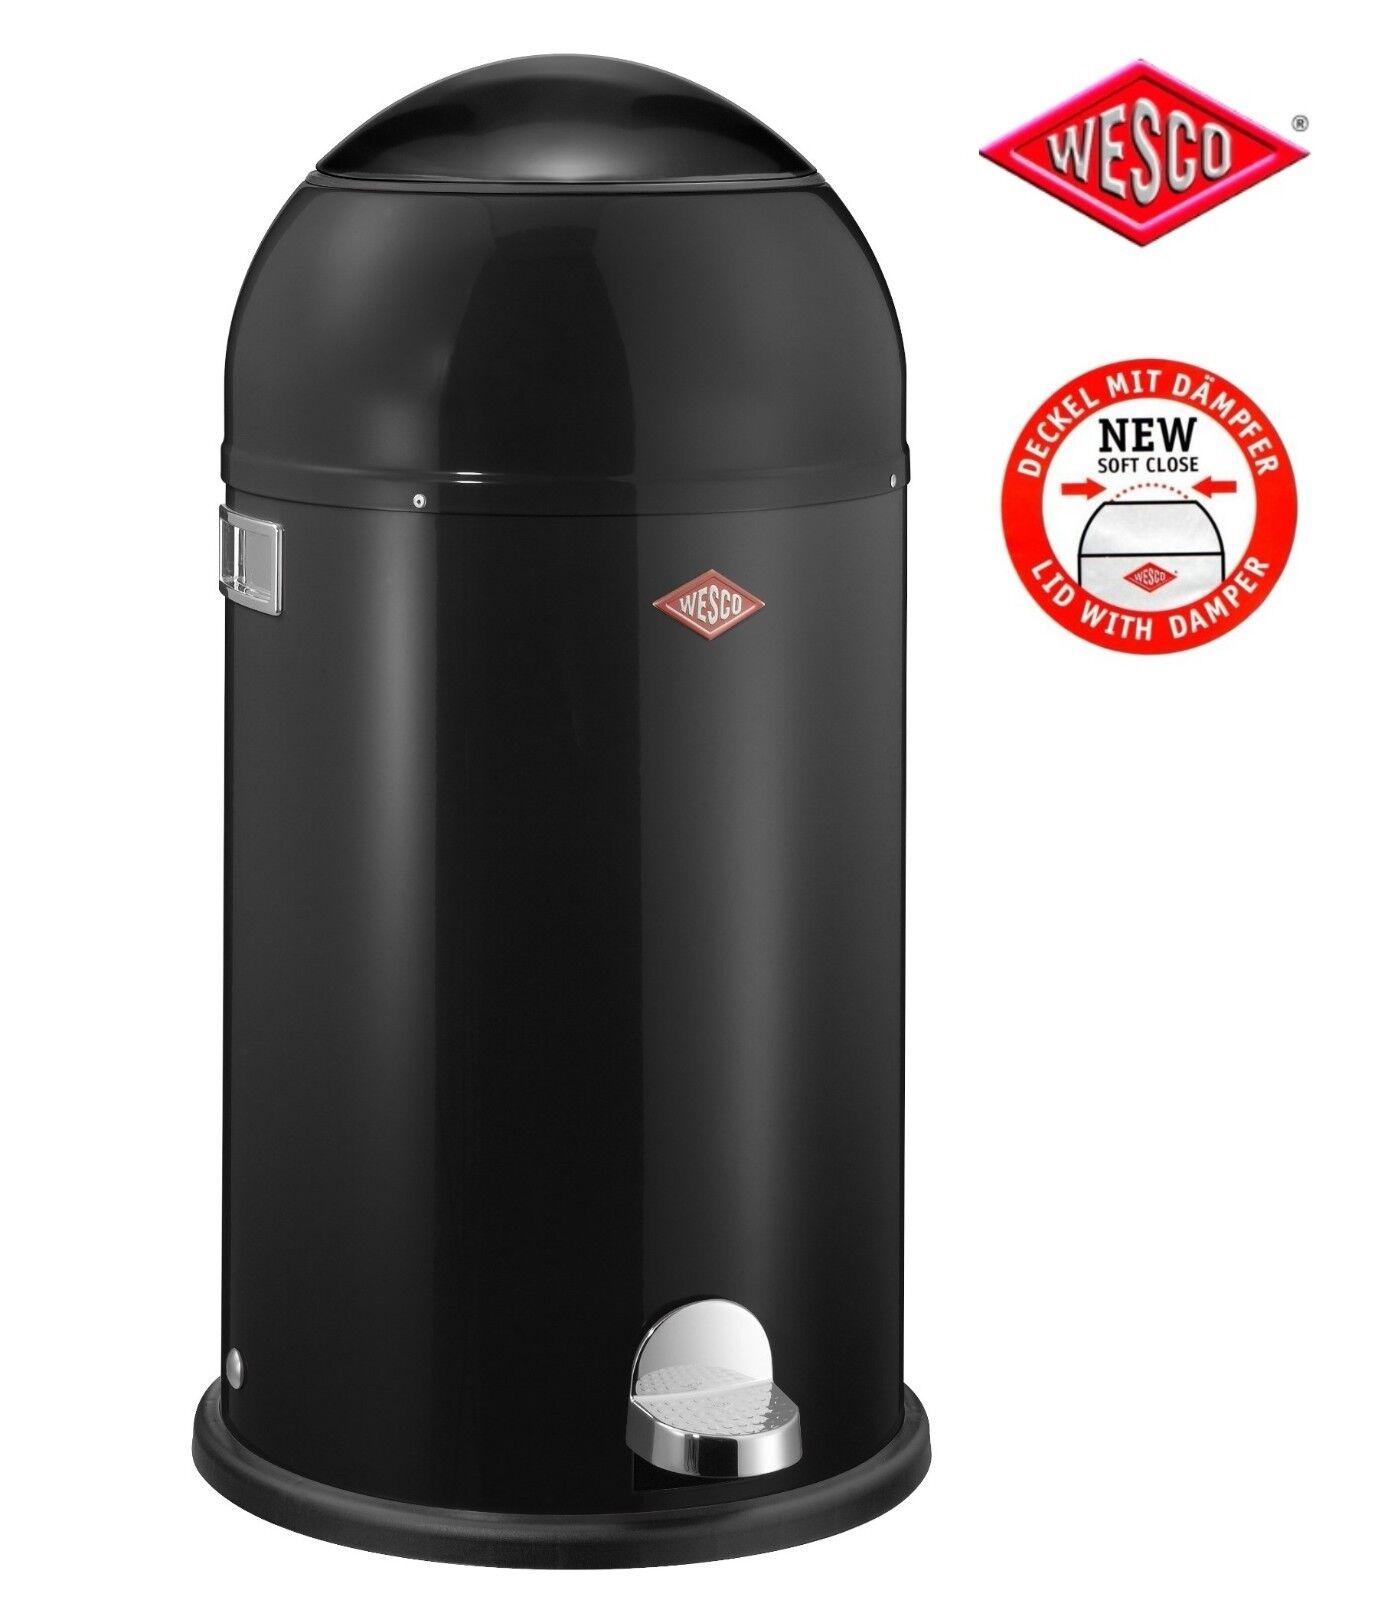 Wesco Cubo de Basura Liftmaster Negro Diseño Pedal con Soft Close Tapa 33L